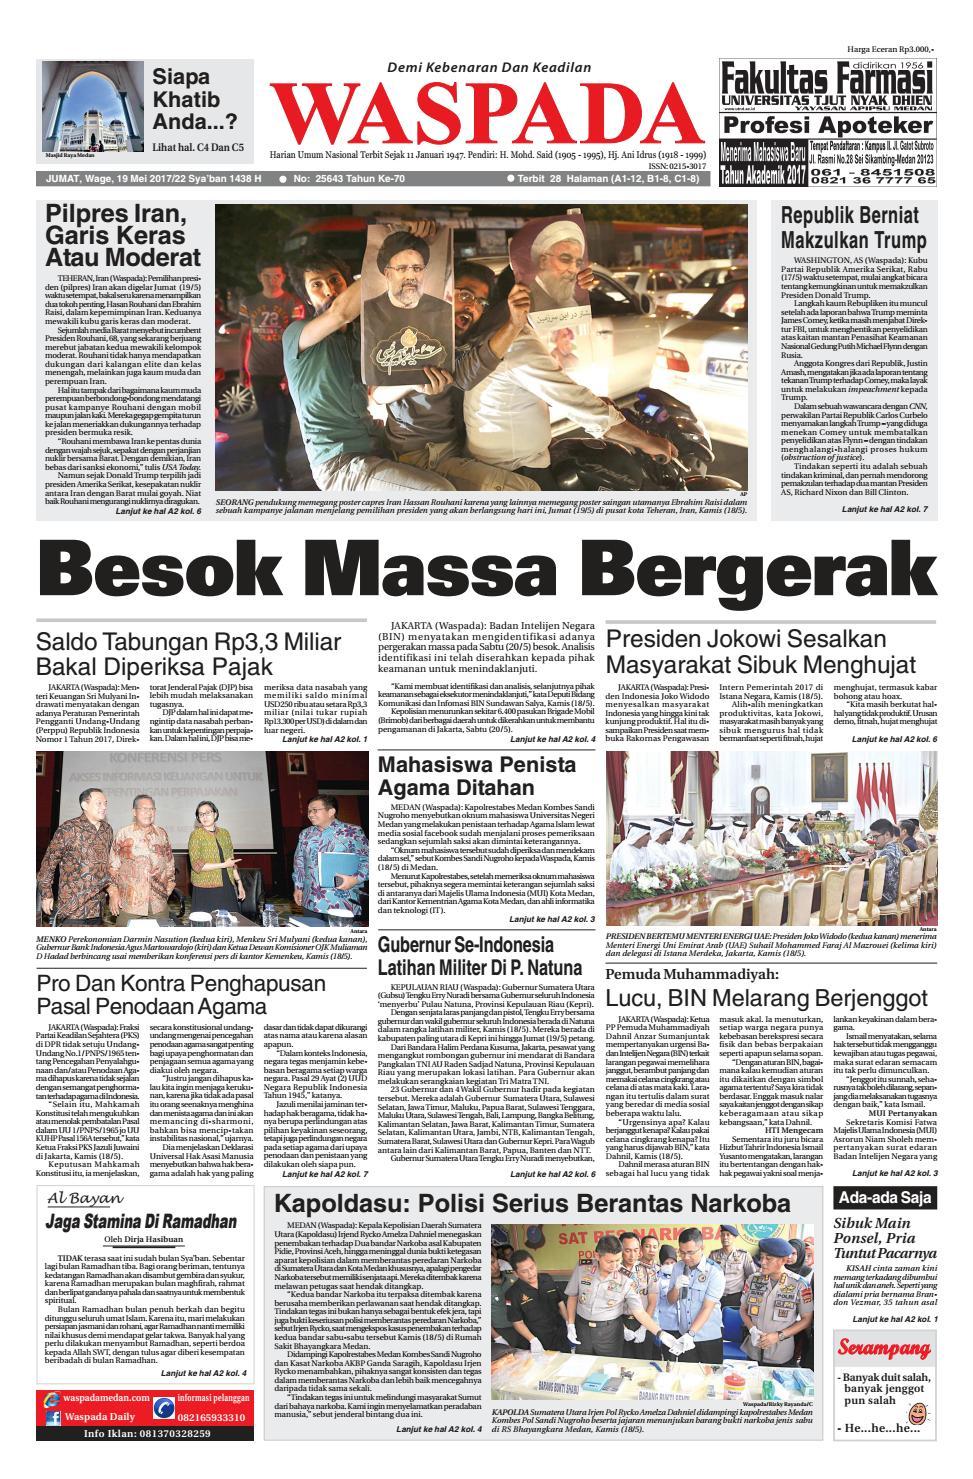 Waspada jumat 19 mei 2017 by Harian Waspada issuu